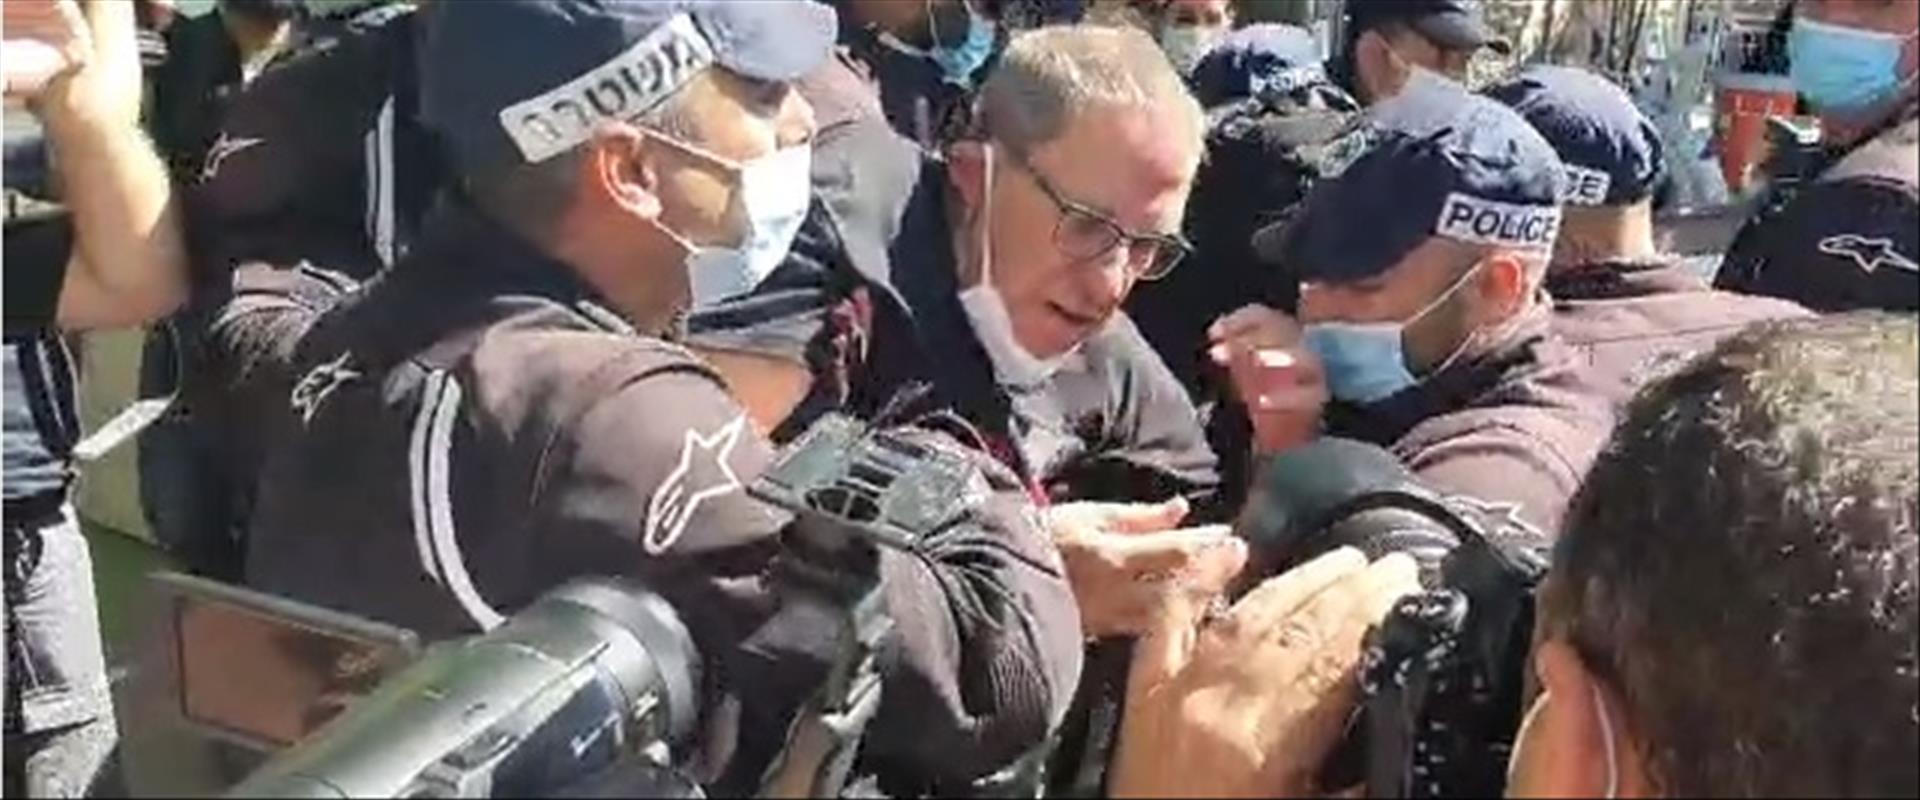 """פינוי מפגינים סמוך למעון רה""""מ בירושלים"""